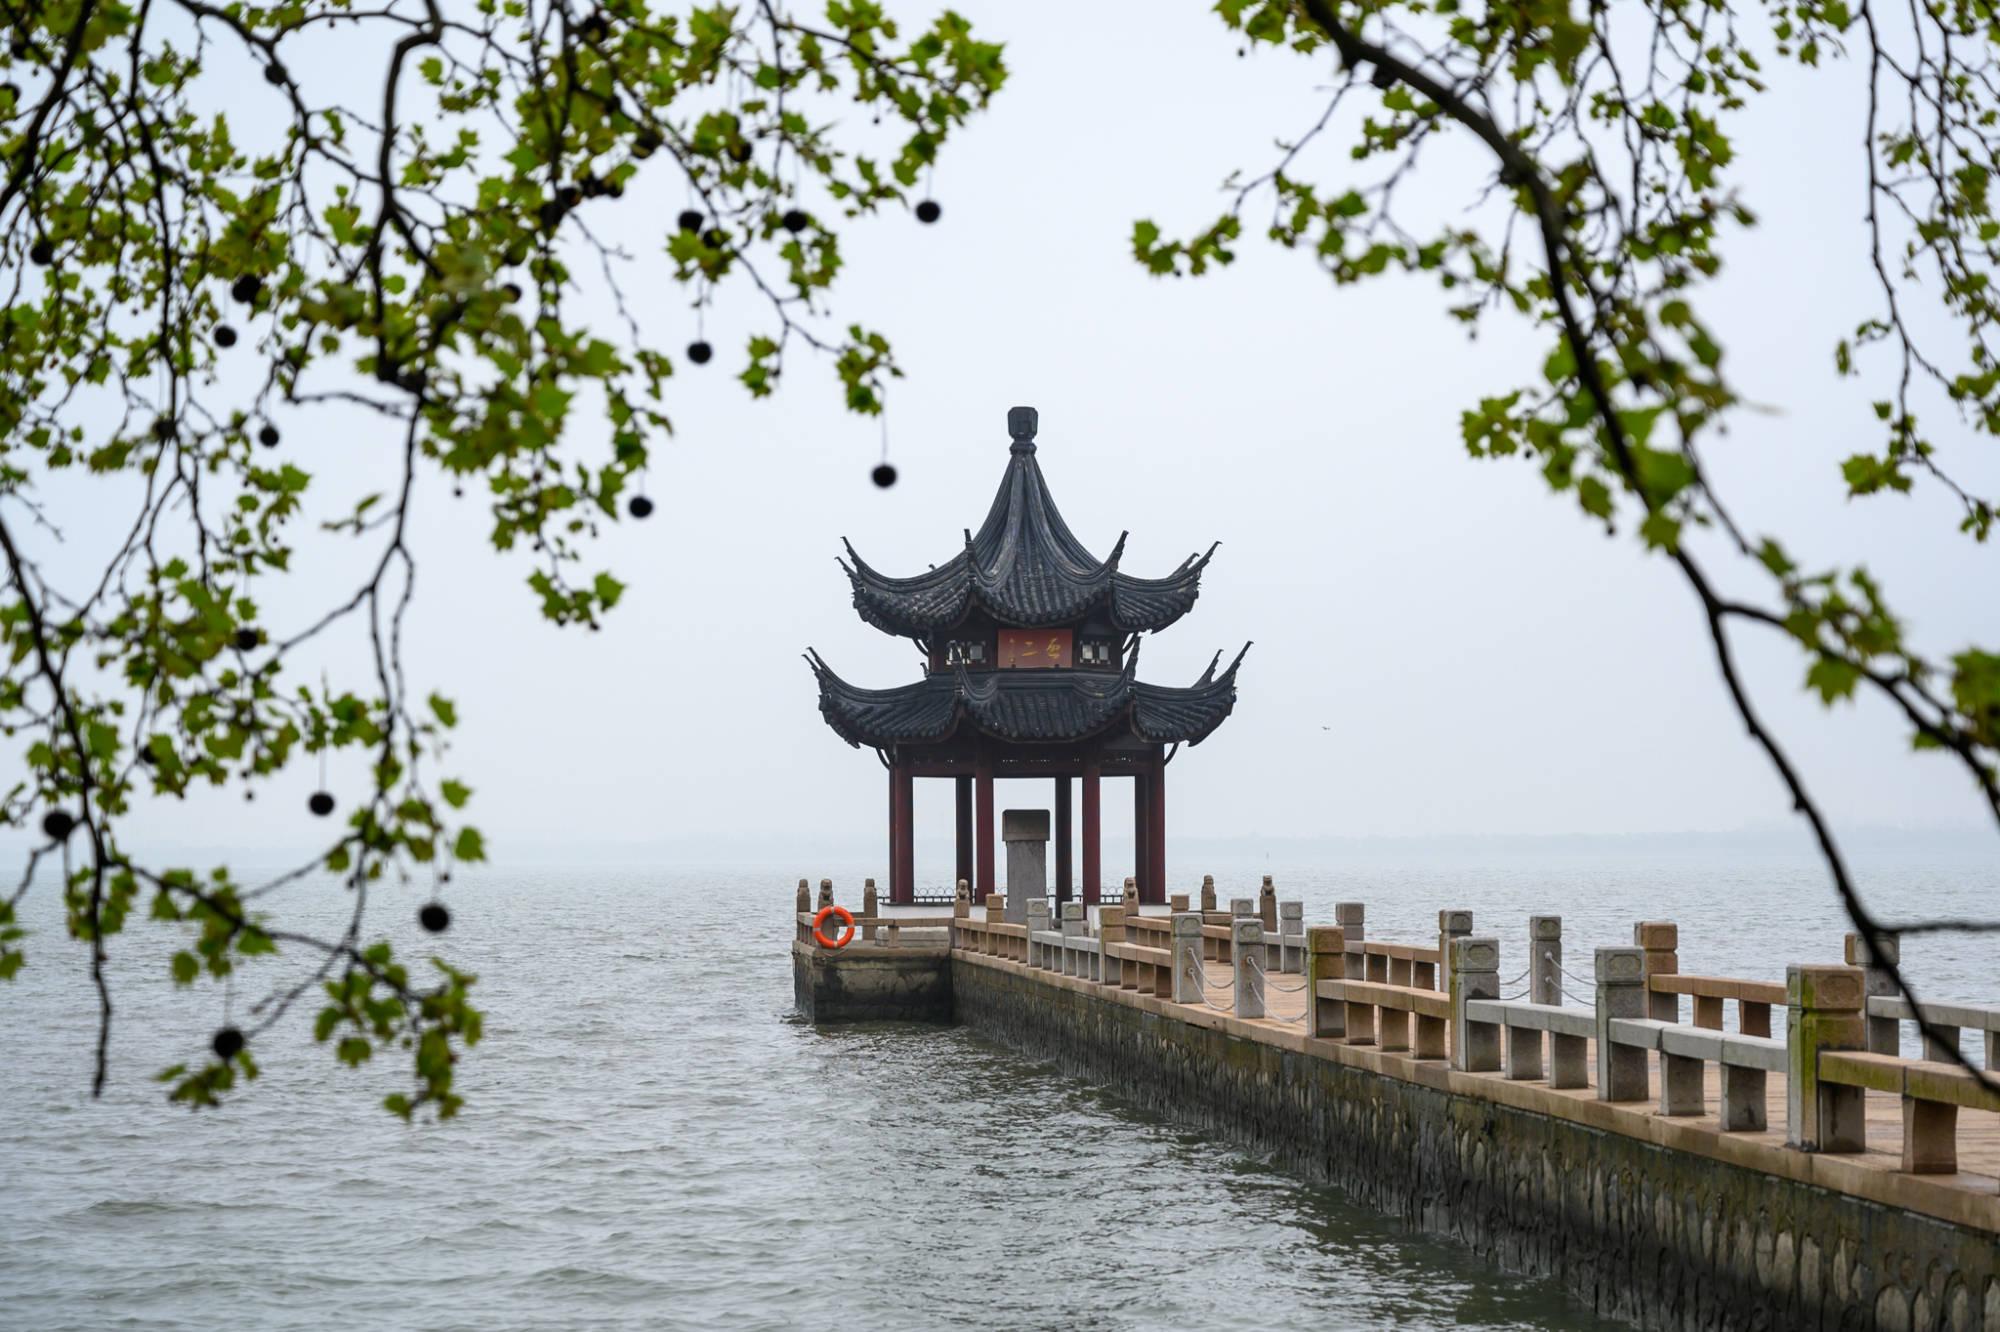 原创             苏州东山旅游必打卡的2个景点,风景秀美文化底蕴深厚,人少景美